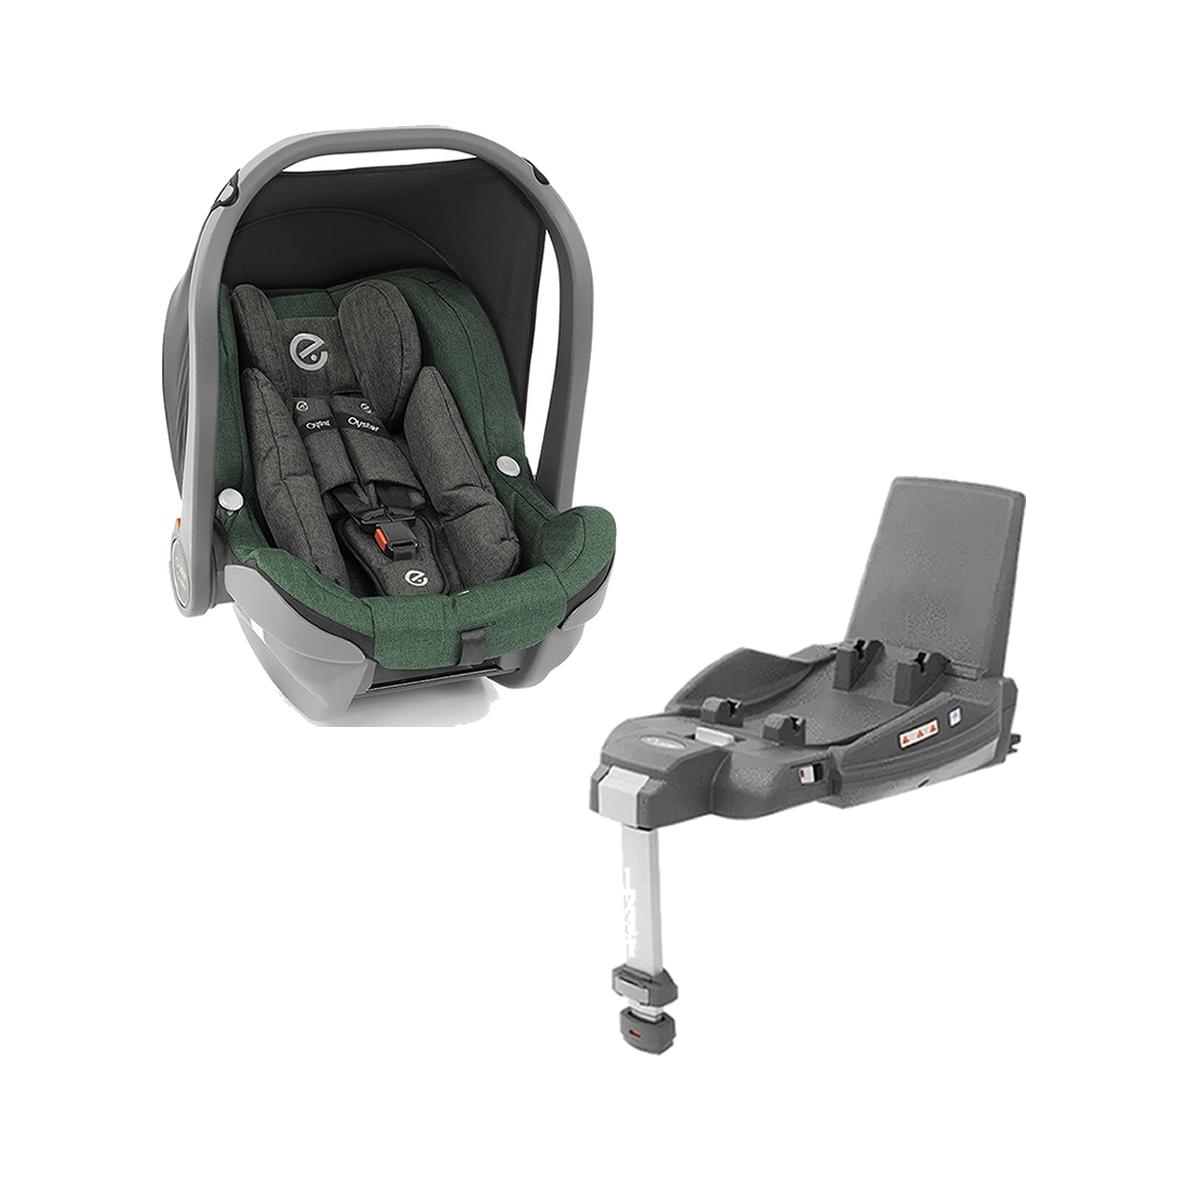 Babystyle Capsule Infant Car Seat & Duofix i-Size Base-Alpine Green